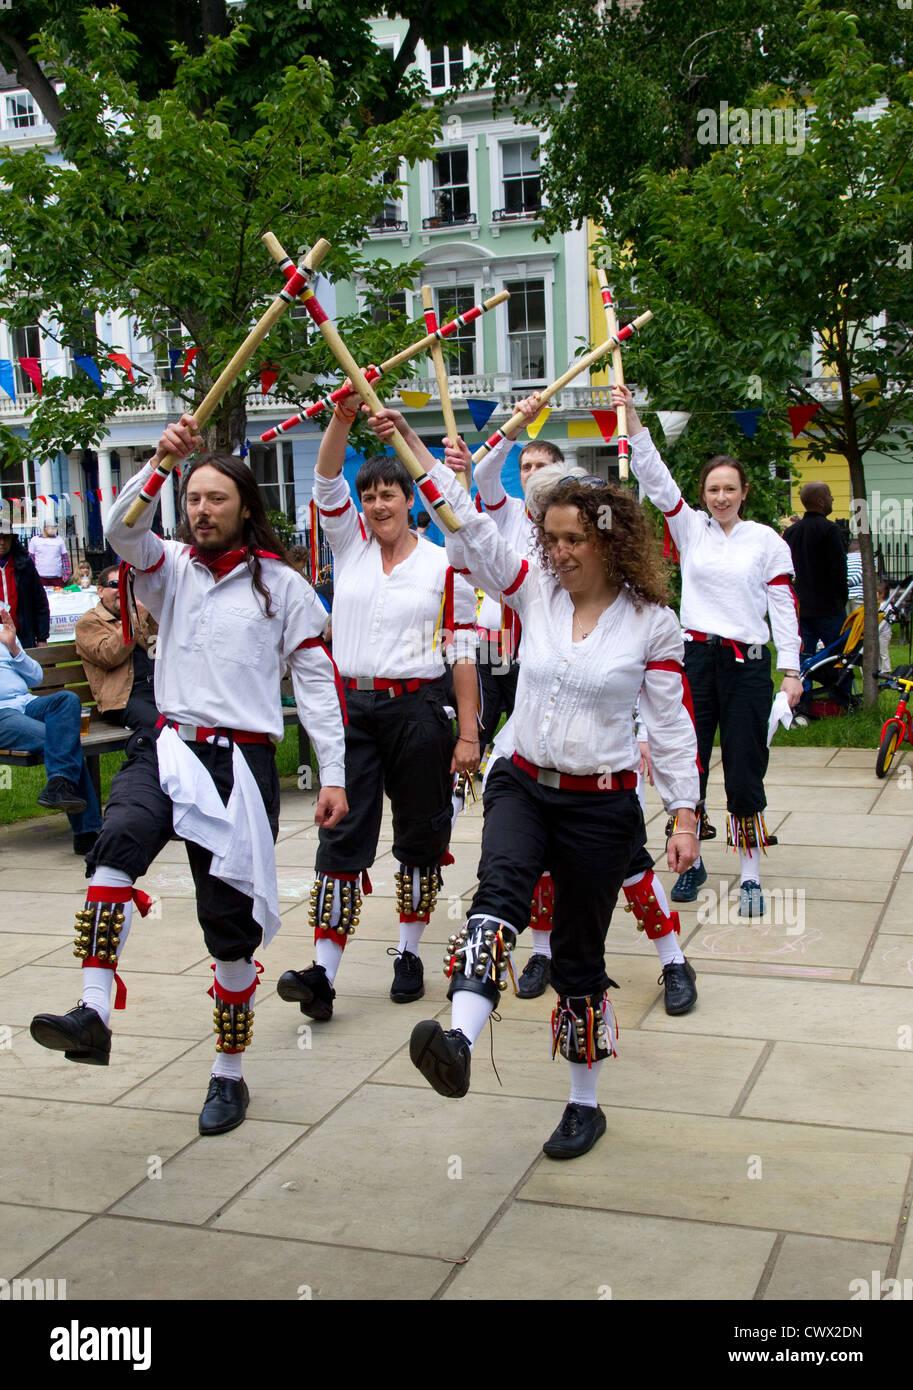 Morris dancing - Stock Image